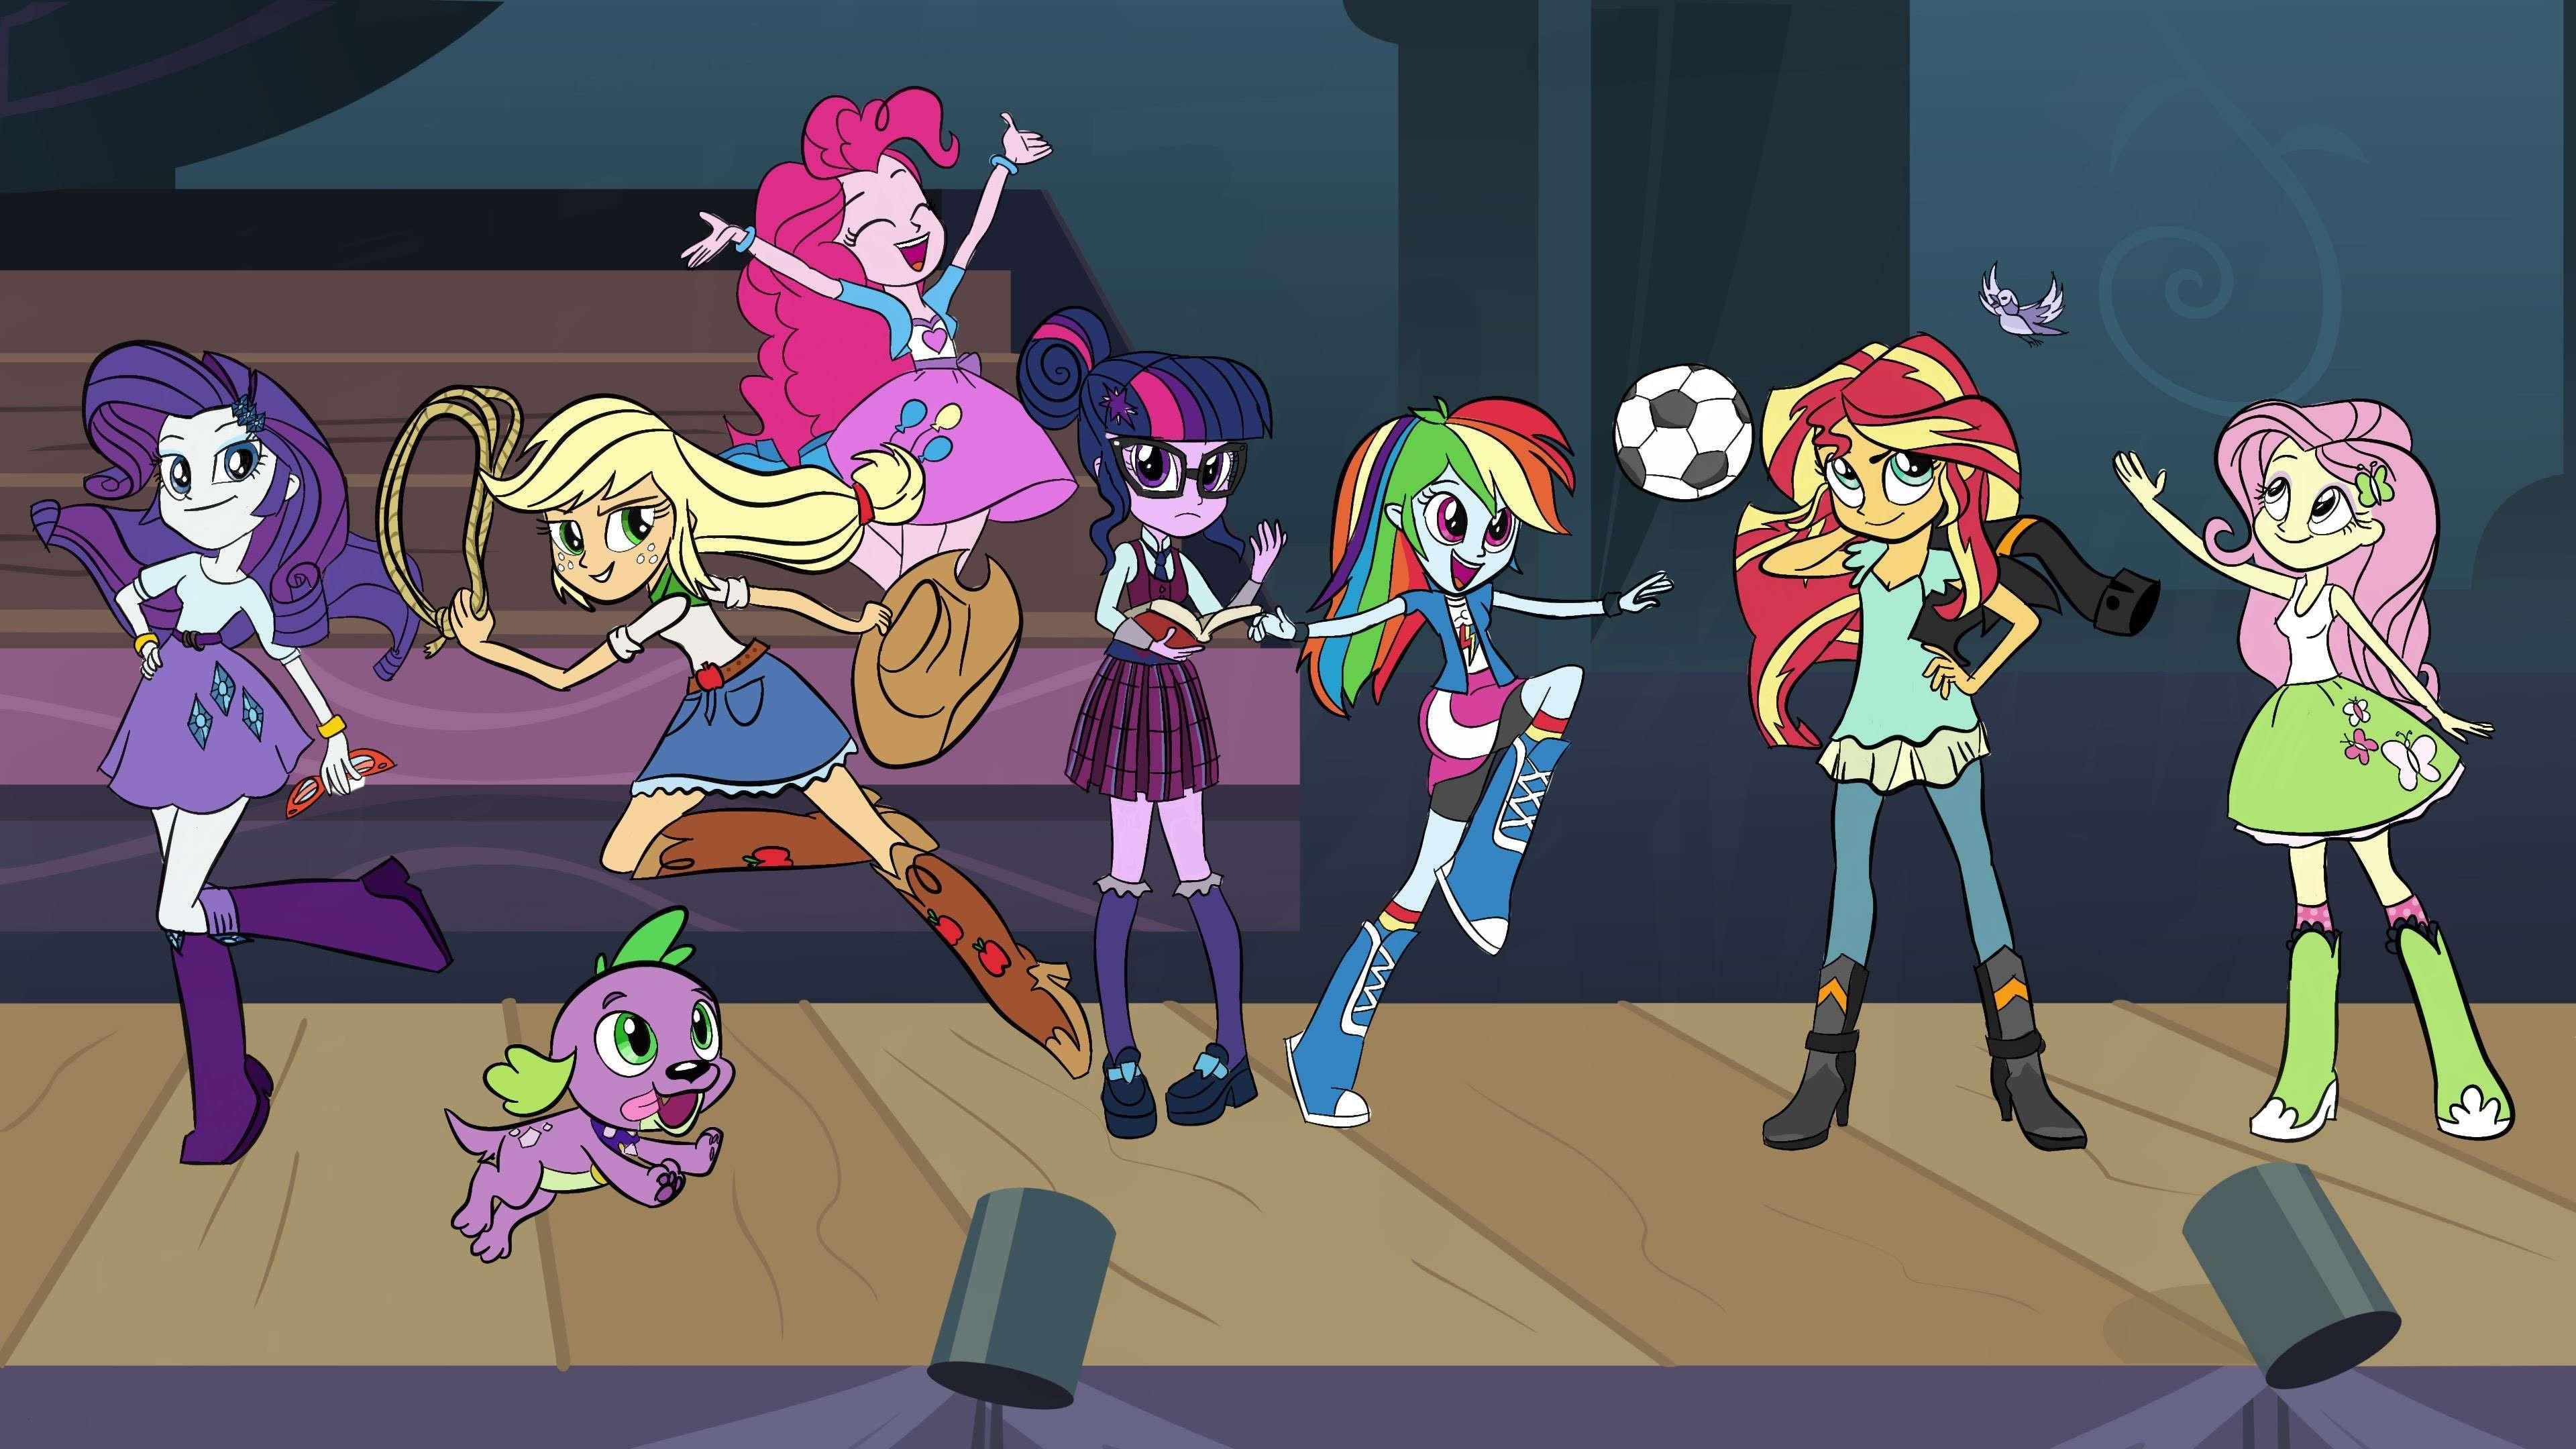 Malvorlagen My Little Pony Genial Beispielbilder Färben Ausmalbilder My Little Pony Einzigartig Bild